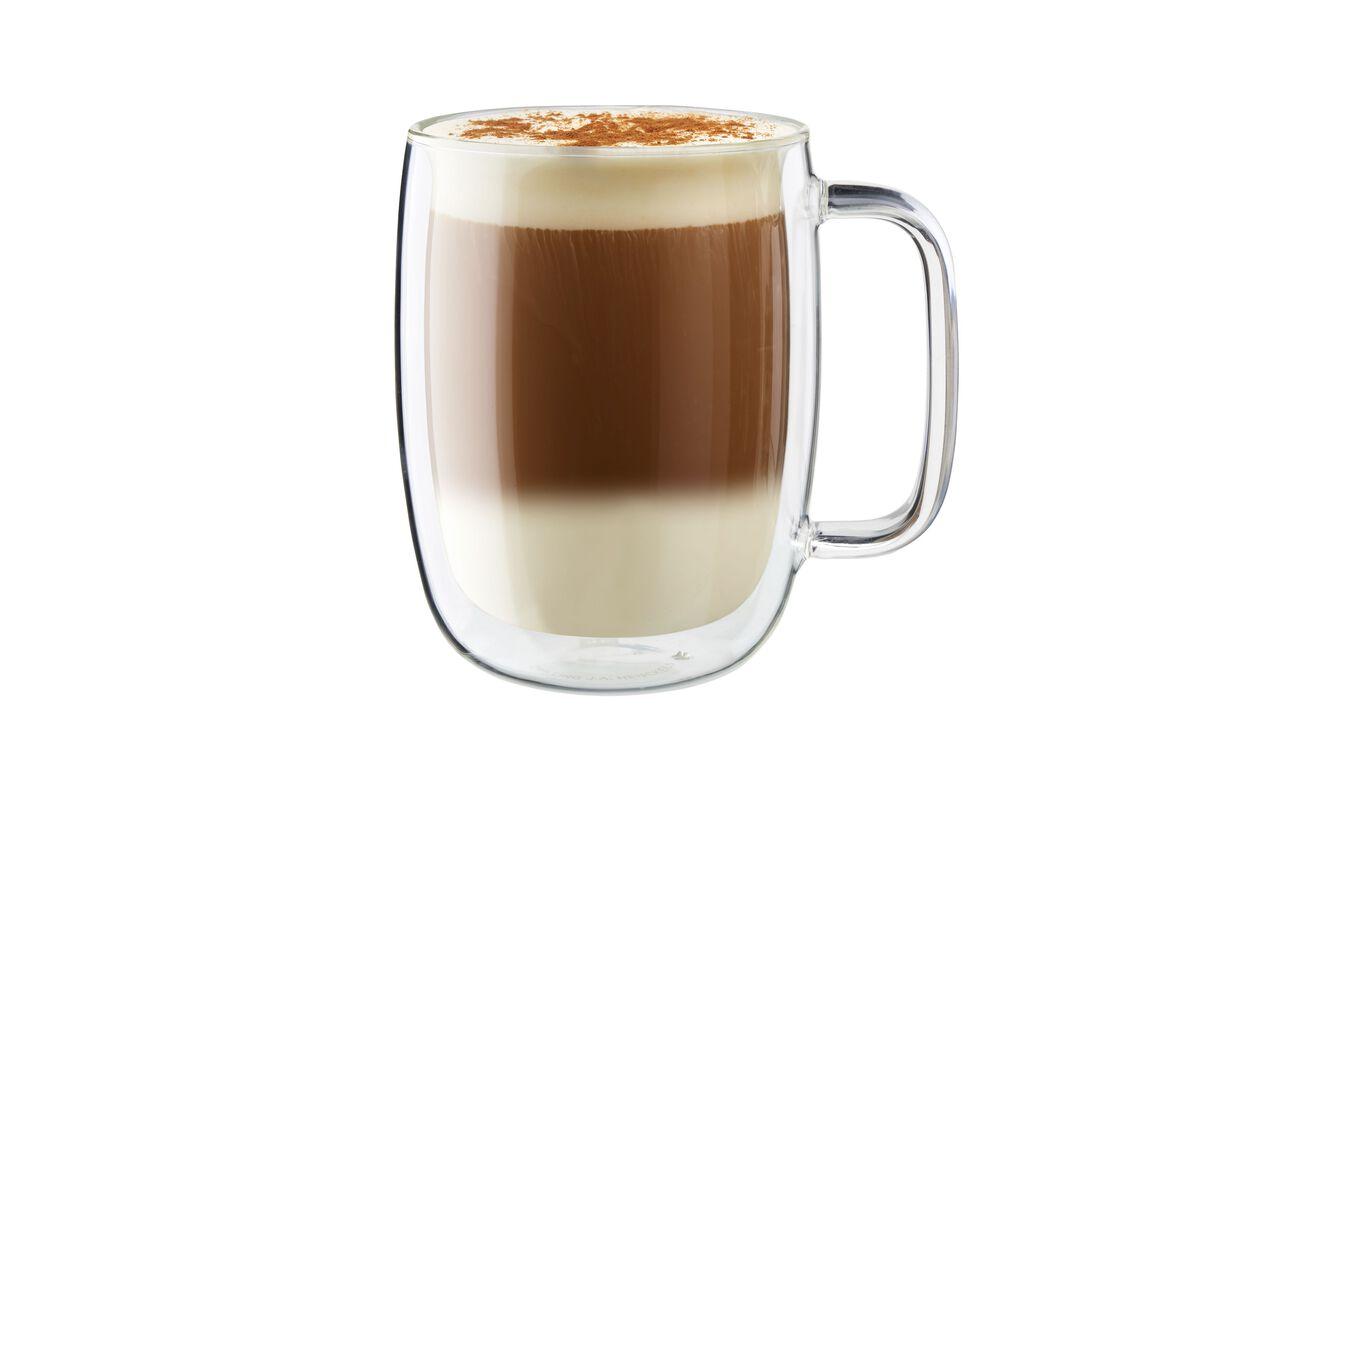 2-pc Double-Wall Glass Latte Mug Set,,large 1